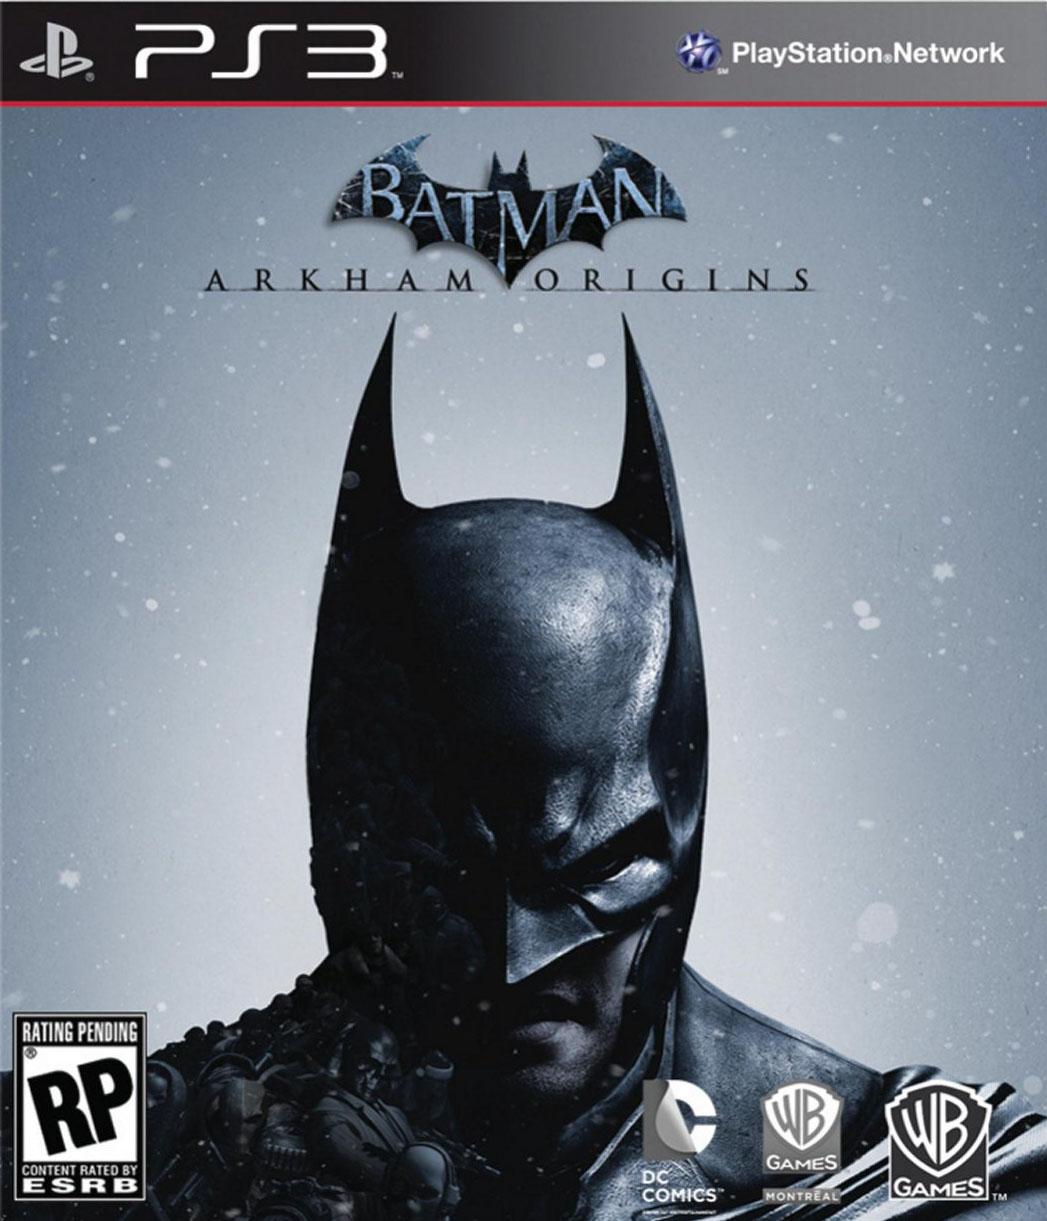 Batman Arkham Origins Playstation 3 Game Return To Asylum Reg Ps4